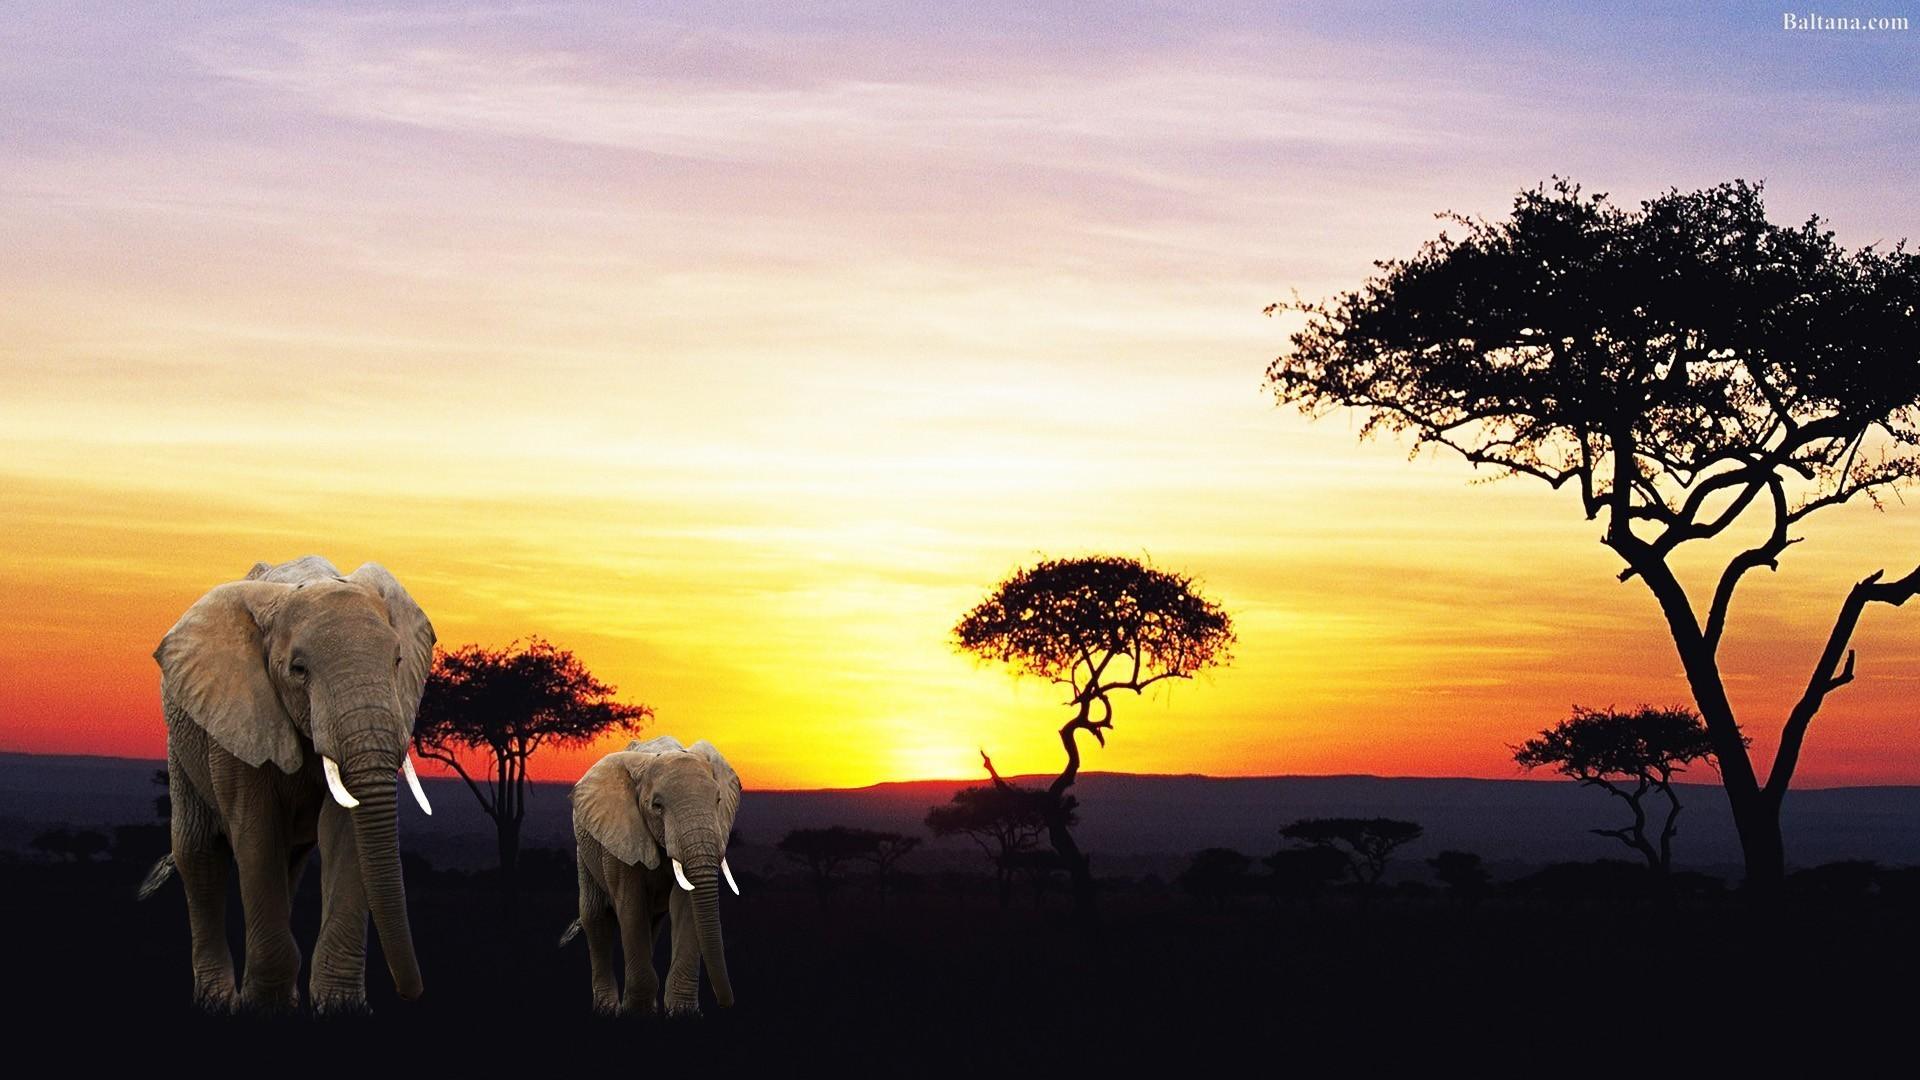 Res: 1920x1080, Elephant Desktop Wallpaper 29724